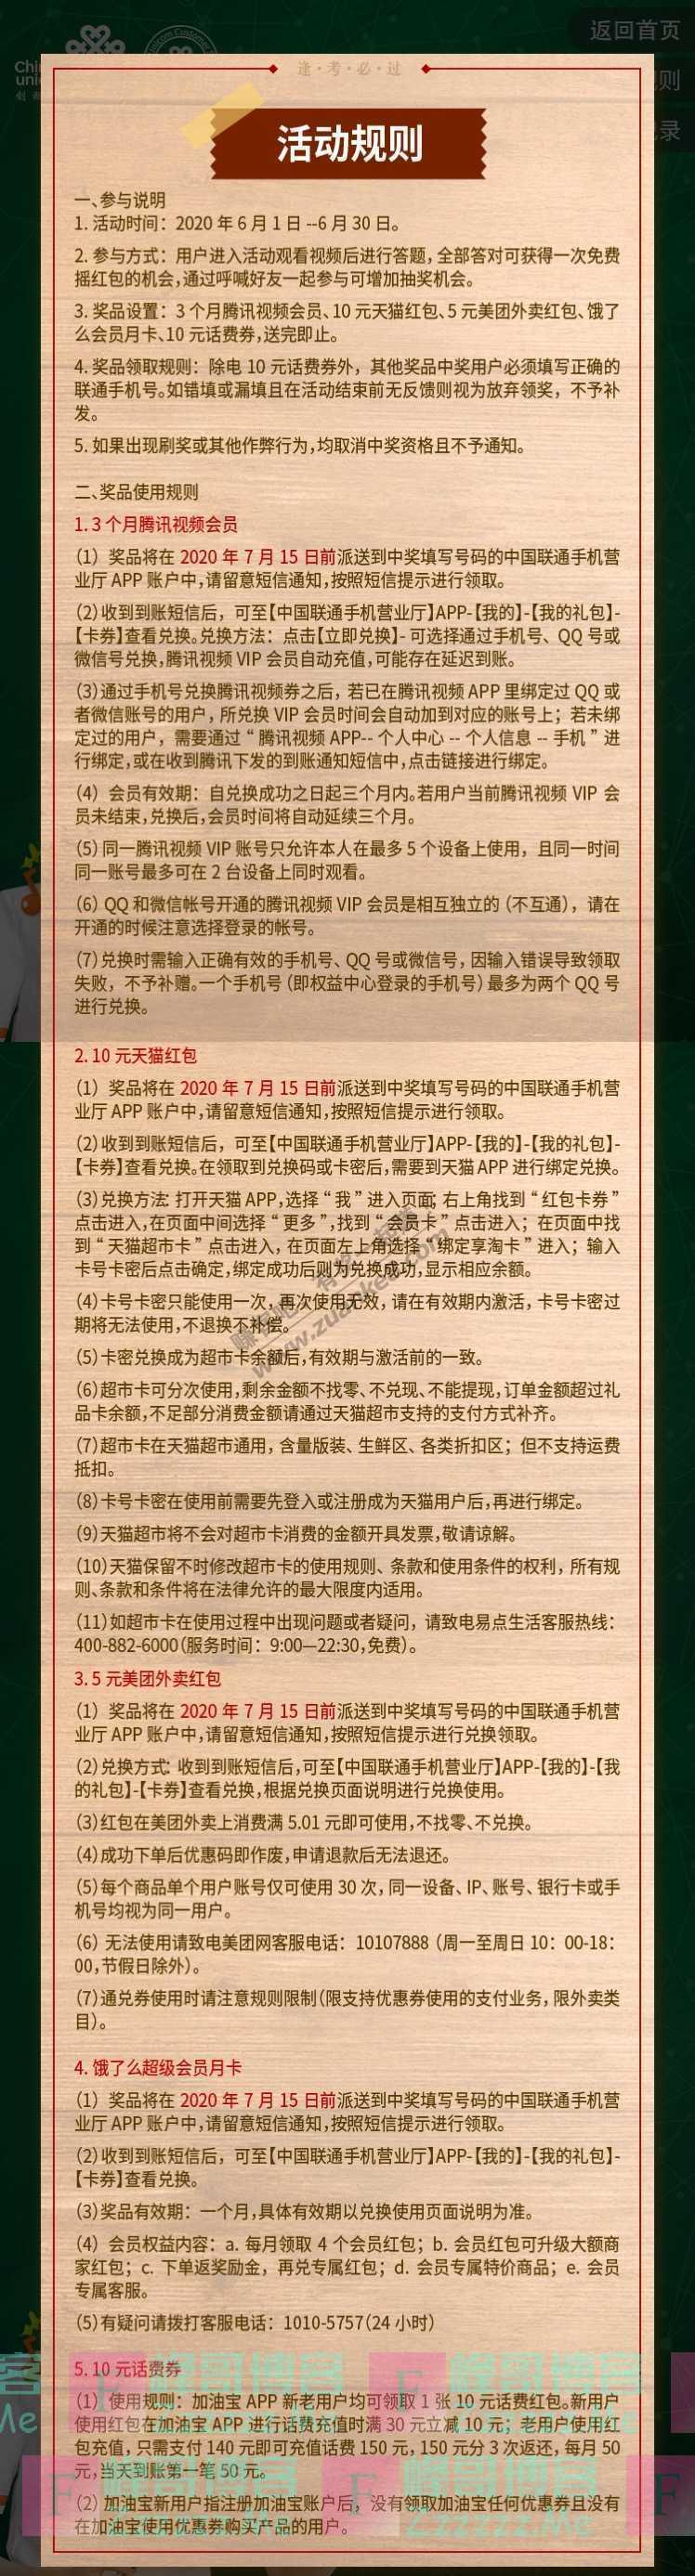 中国联通客服3个月腾讯视频会员、话费券免费送(6月30日截止)